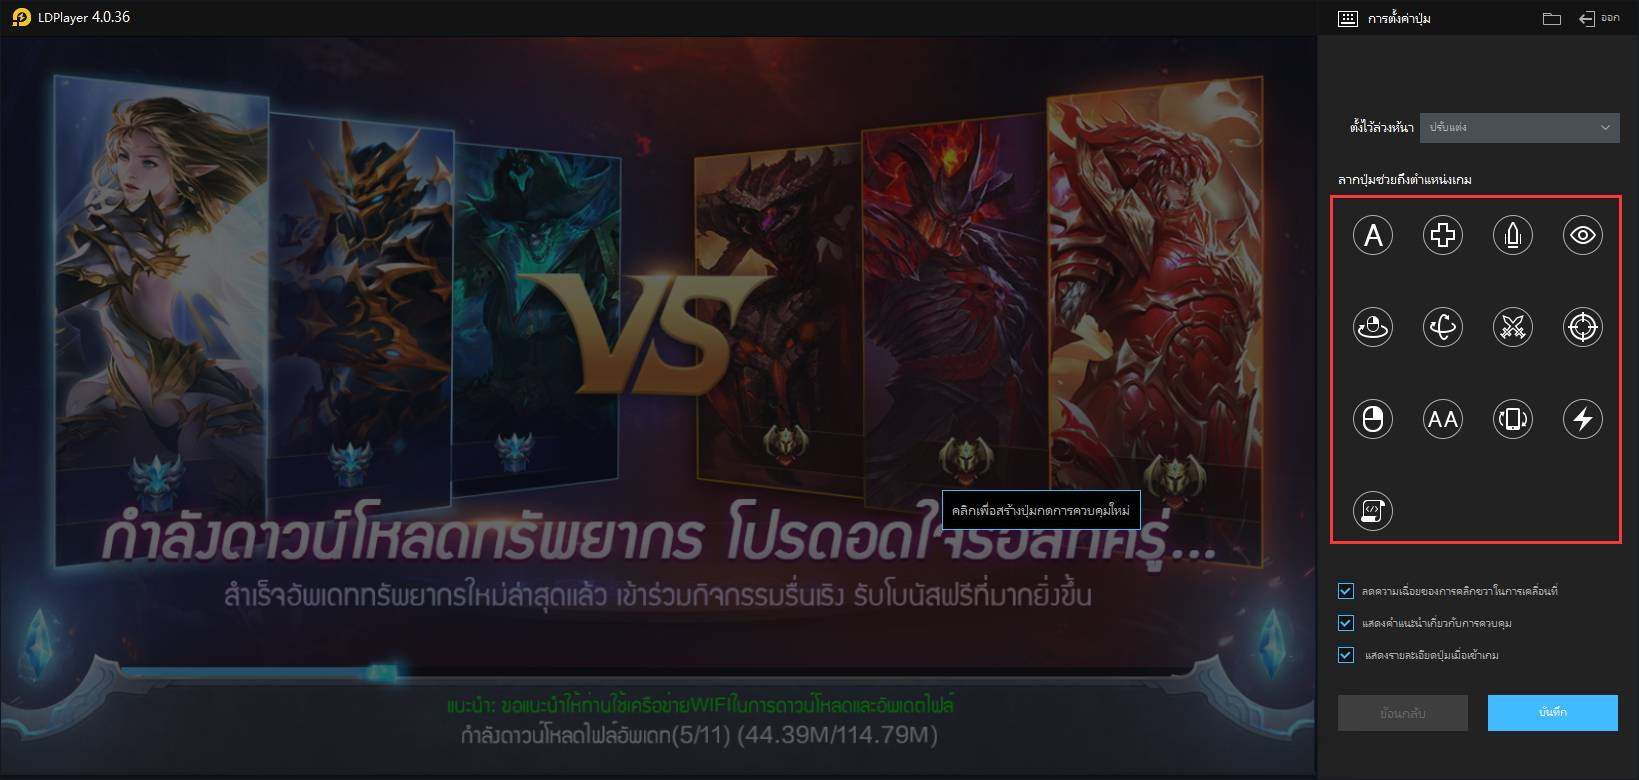 เล่น MU ORIGIN2 บน PC: ดาวน์โหลดโปรแกรมจำลองฟรี